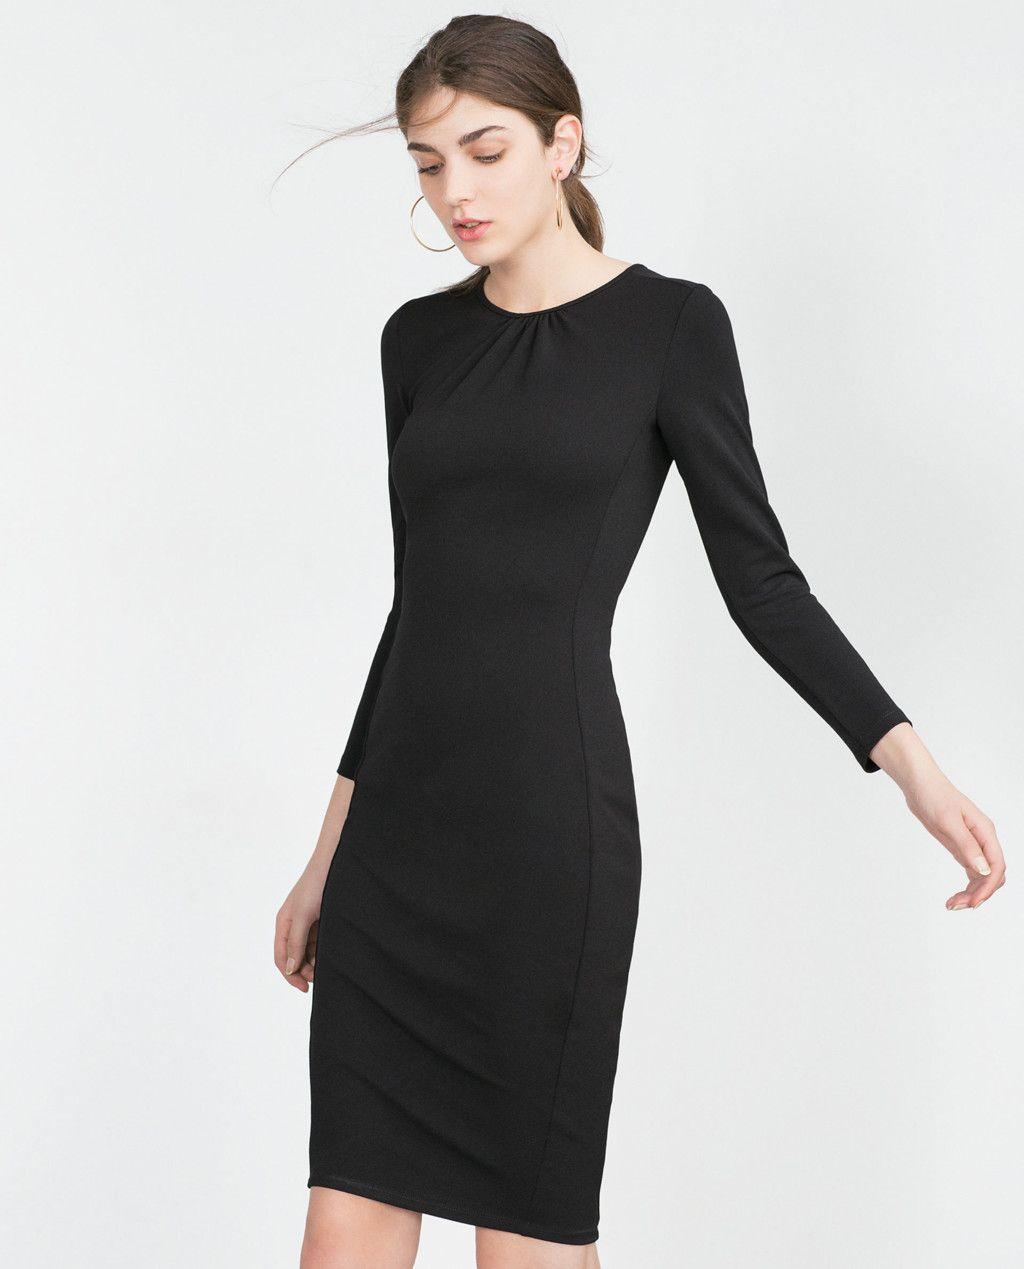 8c070e7fbb Los 17 vestidos negros de Zara con los que triunfarás en Navidad de día y  de noche